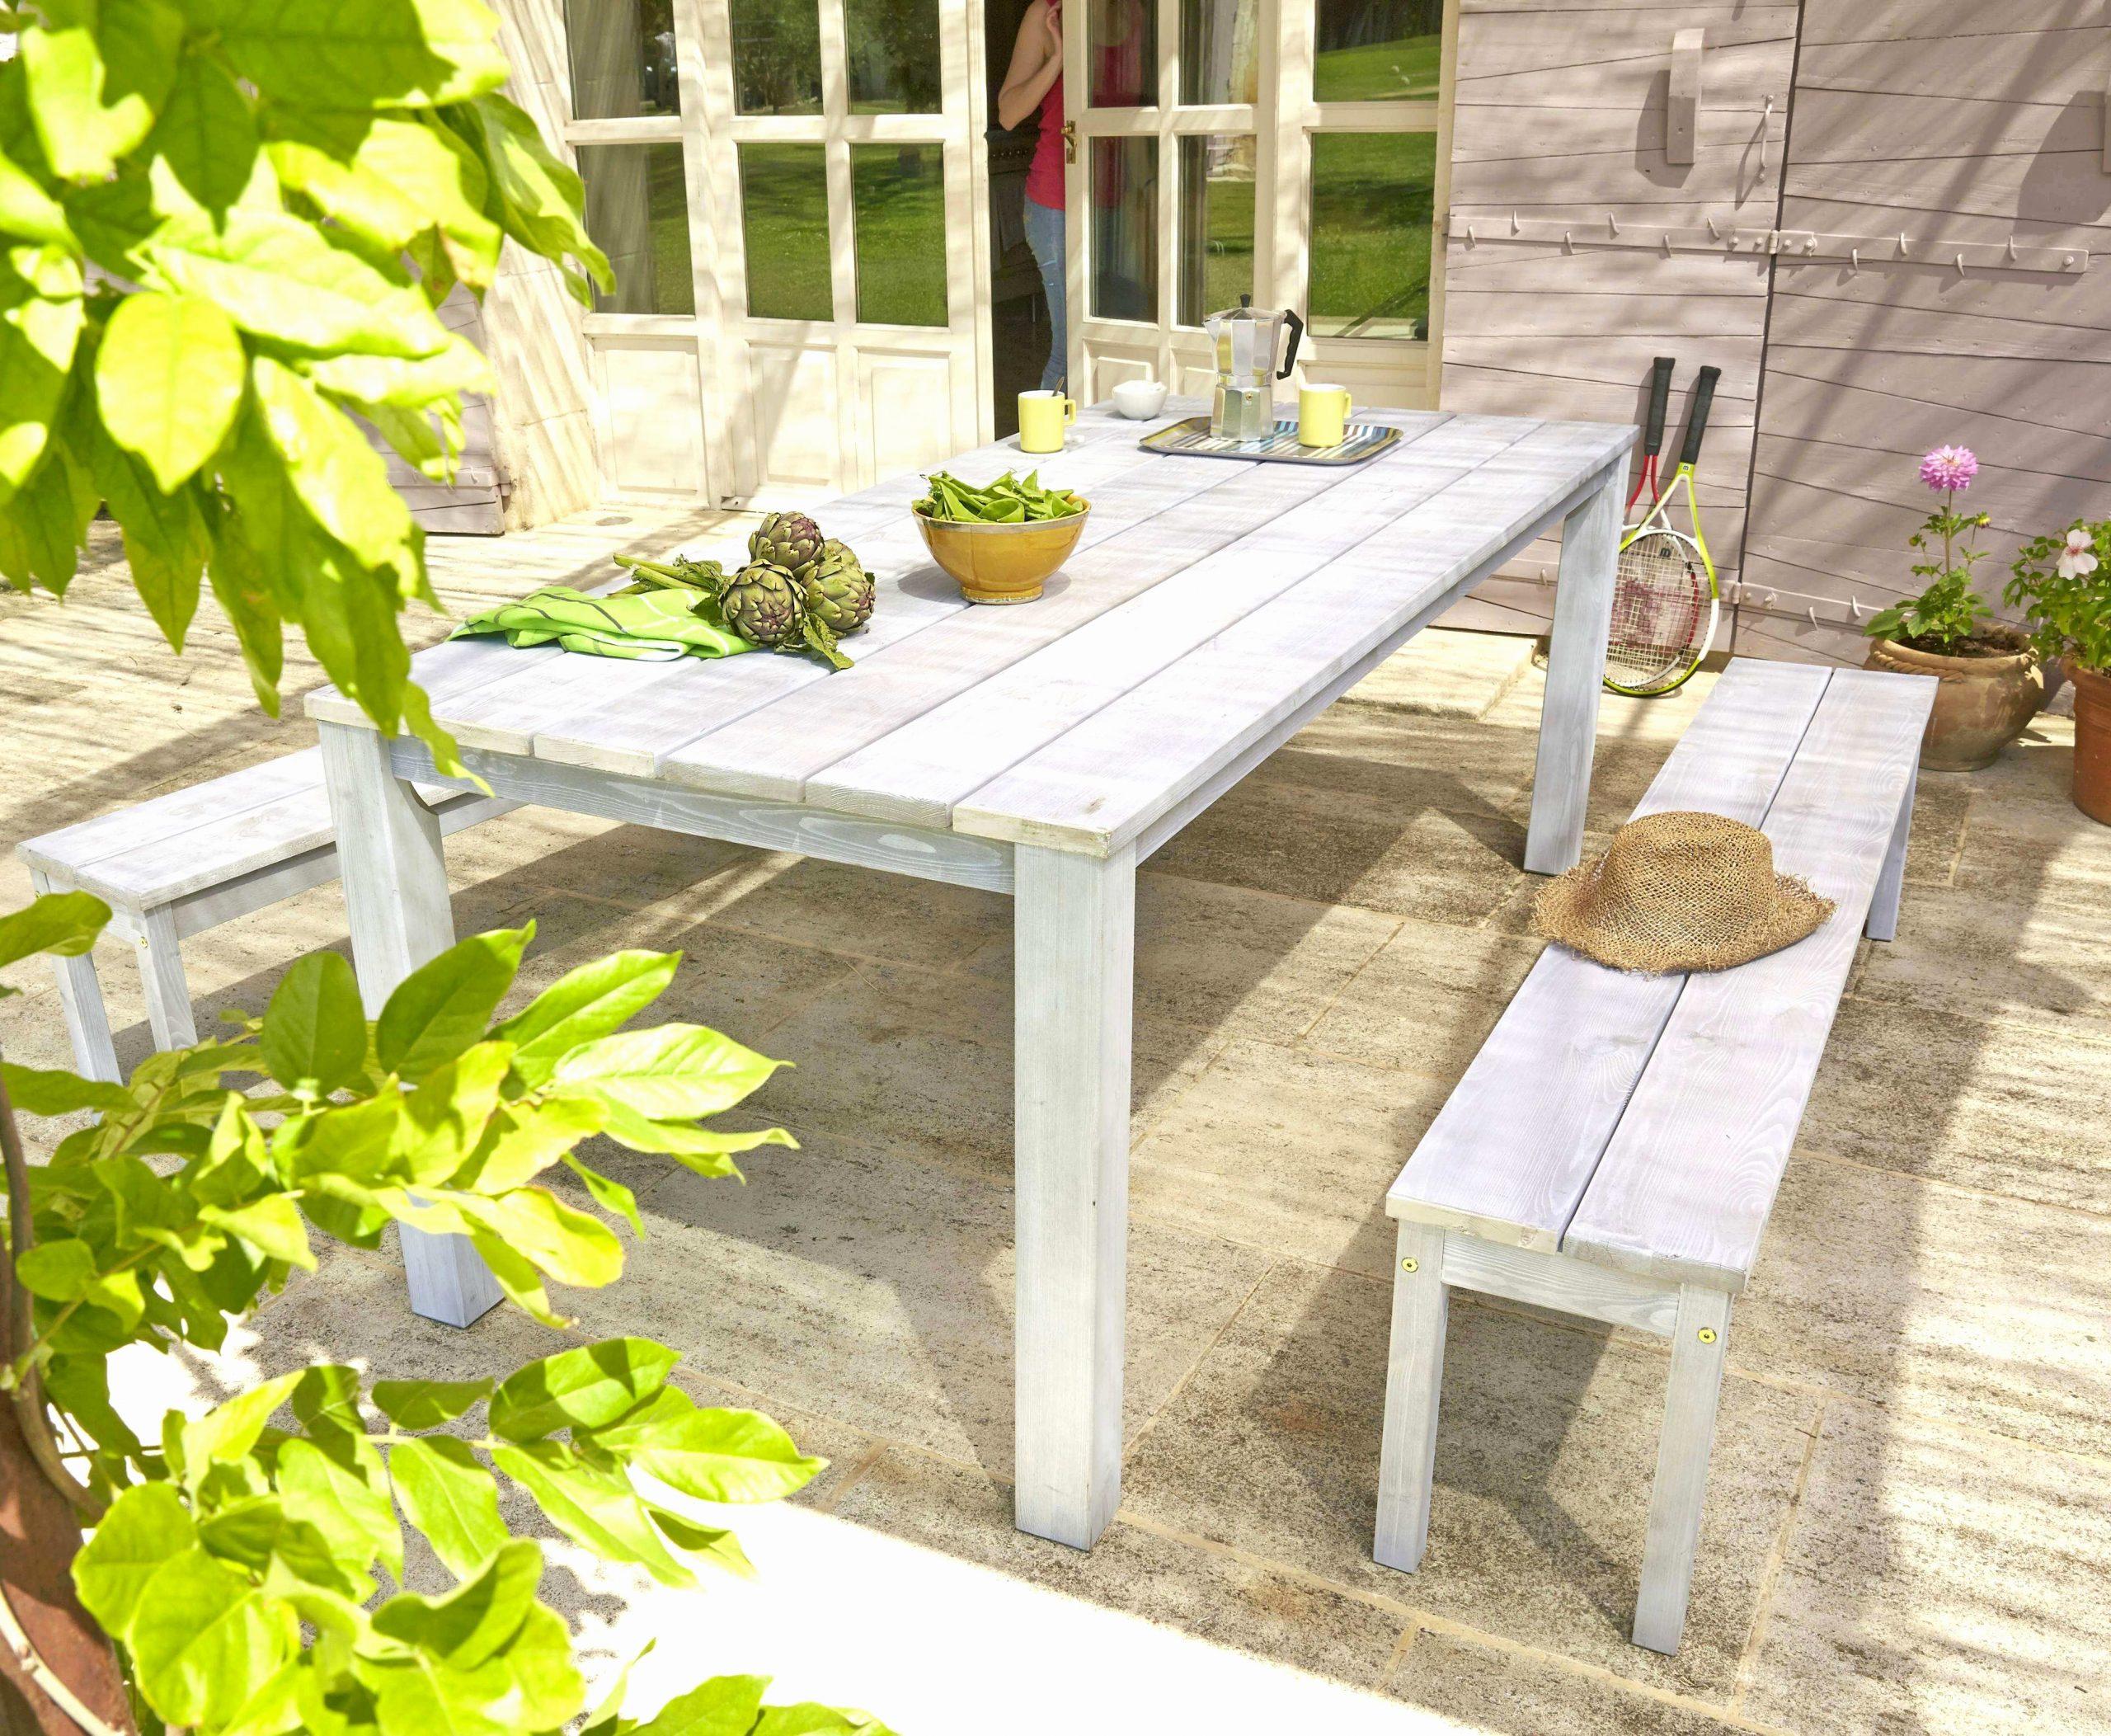 Salon De Jardin Intermarche 2018 Luxe Inspirational ... avec Intermarché Table De Jardin